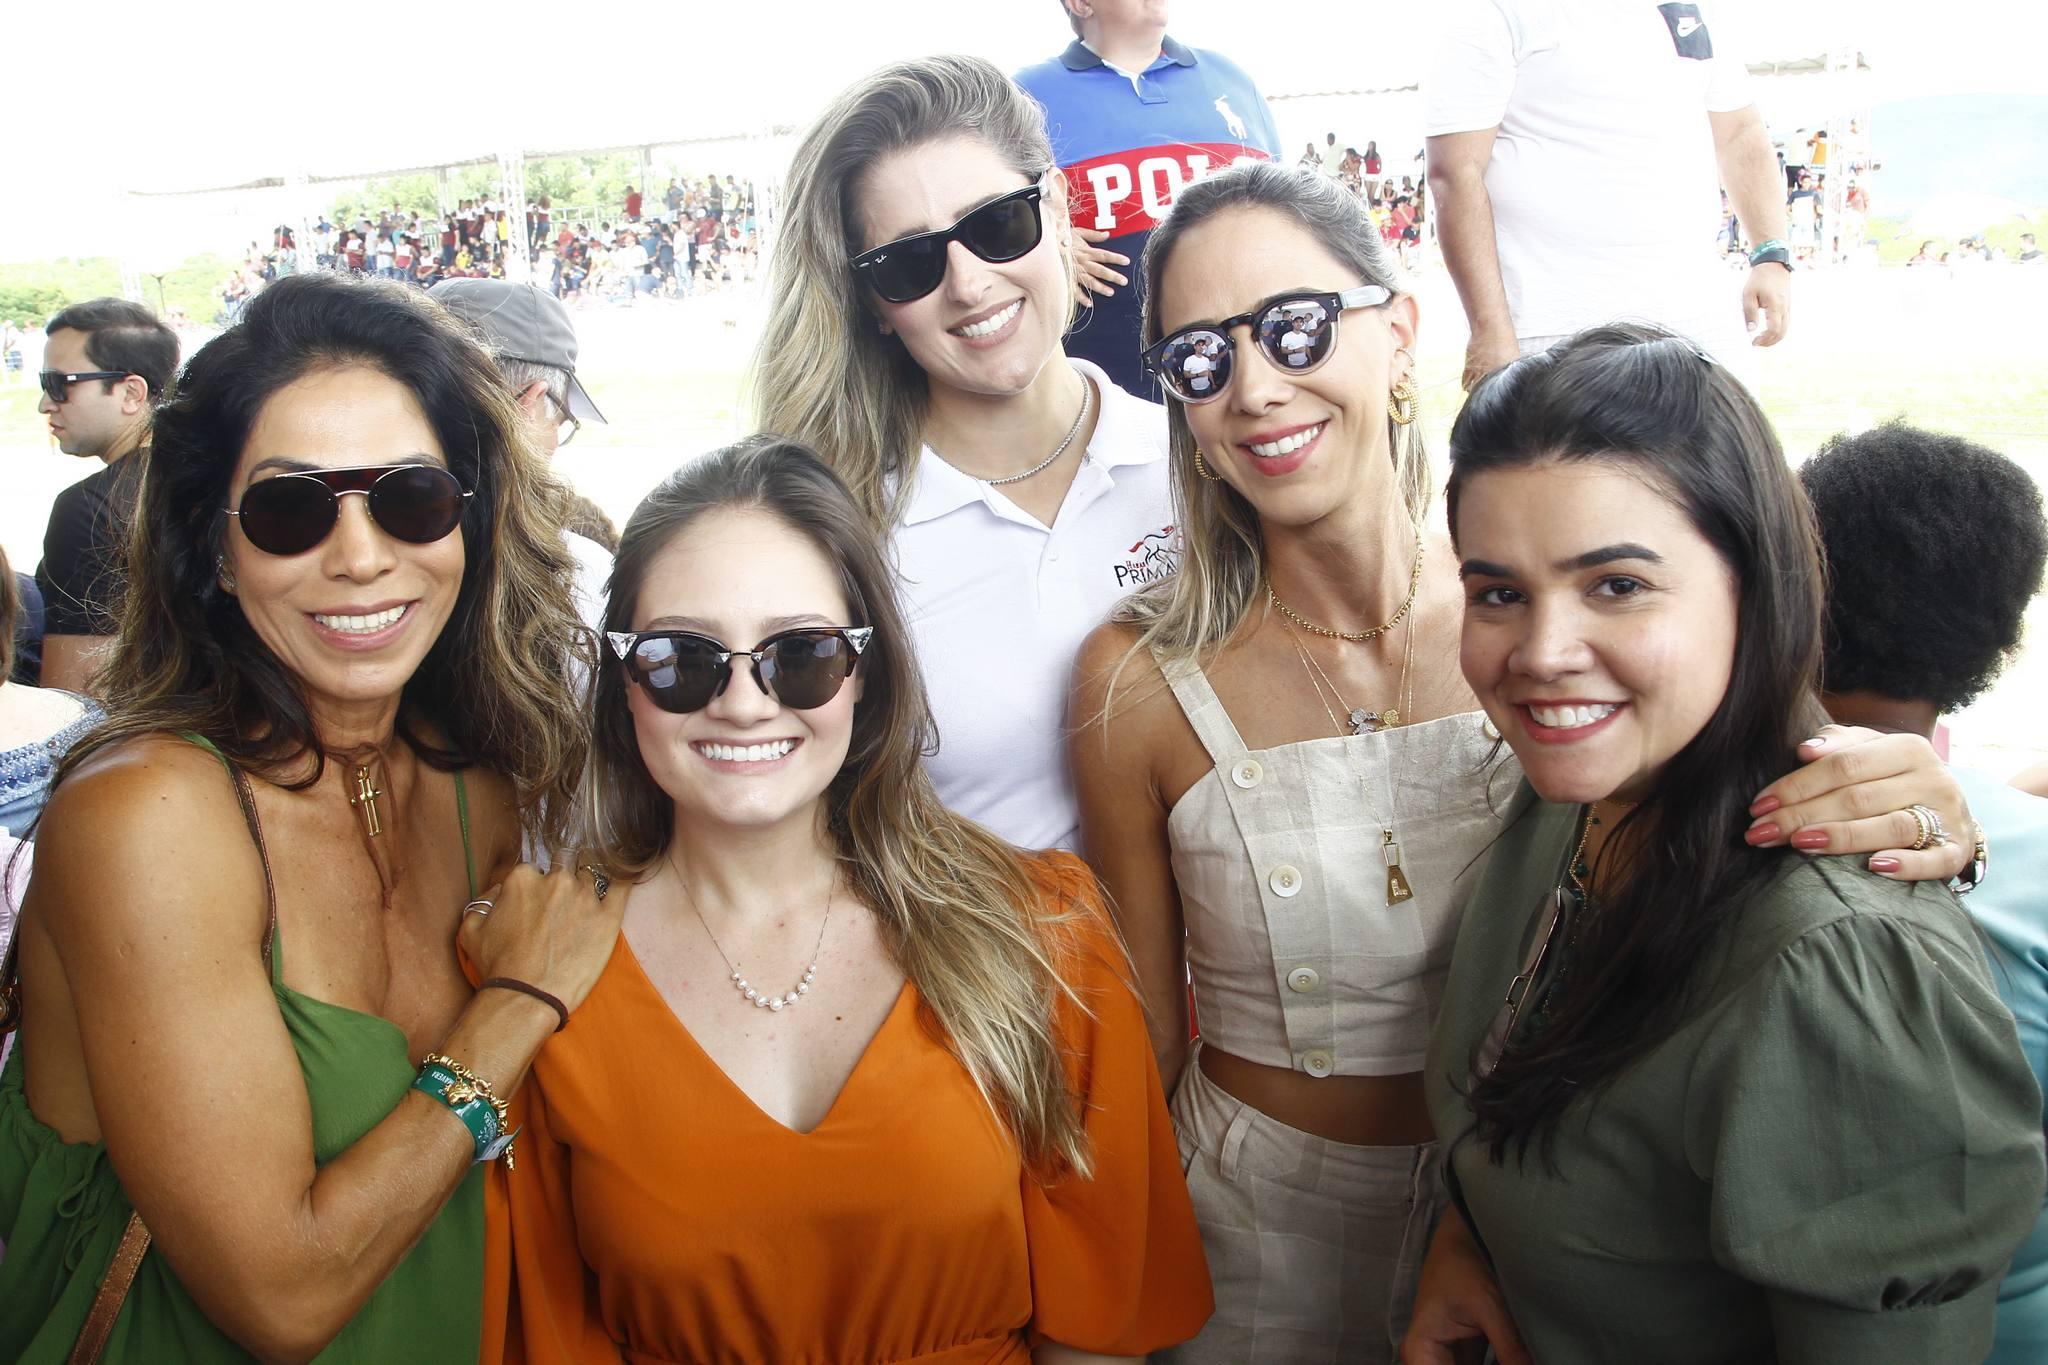 Synara Leal, Leticia Teixeira, Rebeca Bastos, Livia Vieira E Priscila Leal